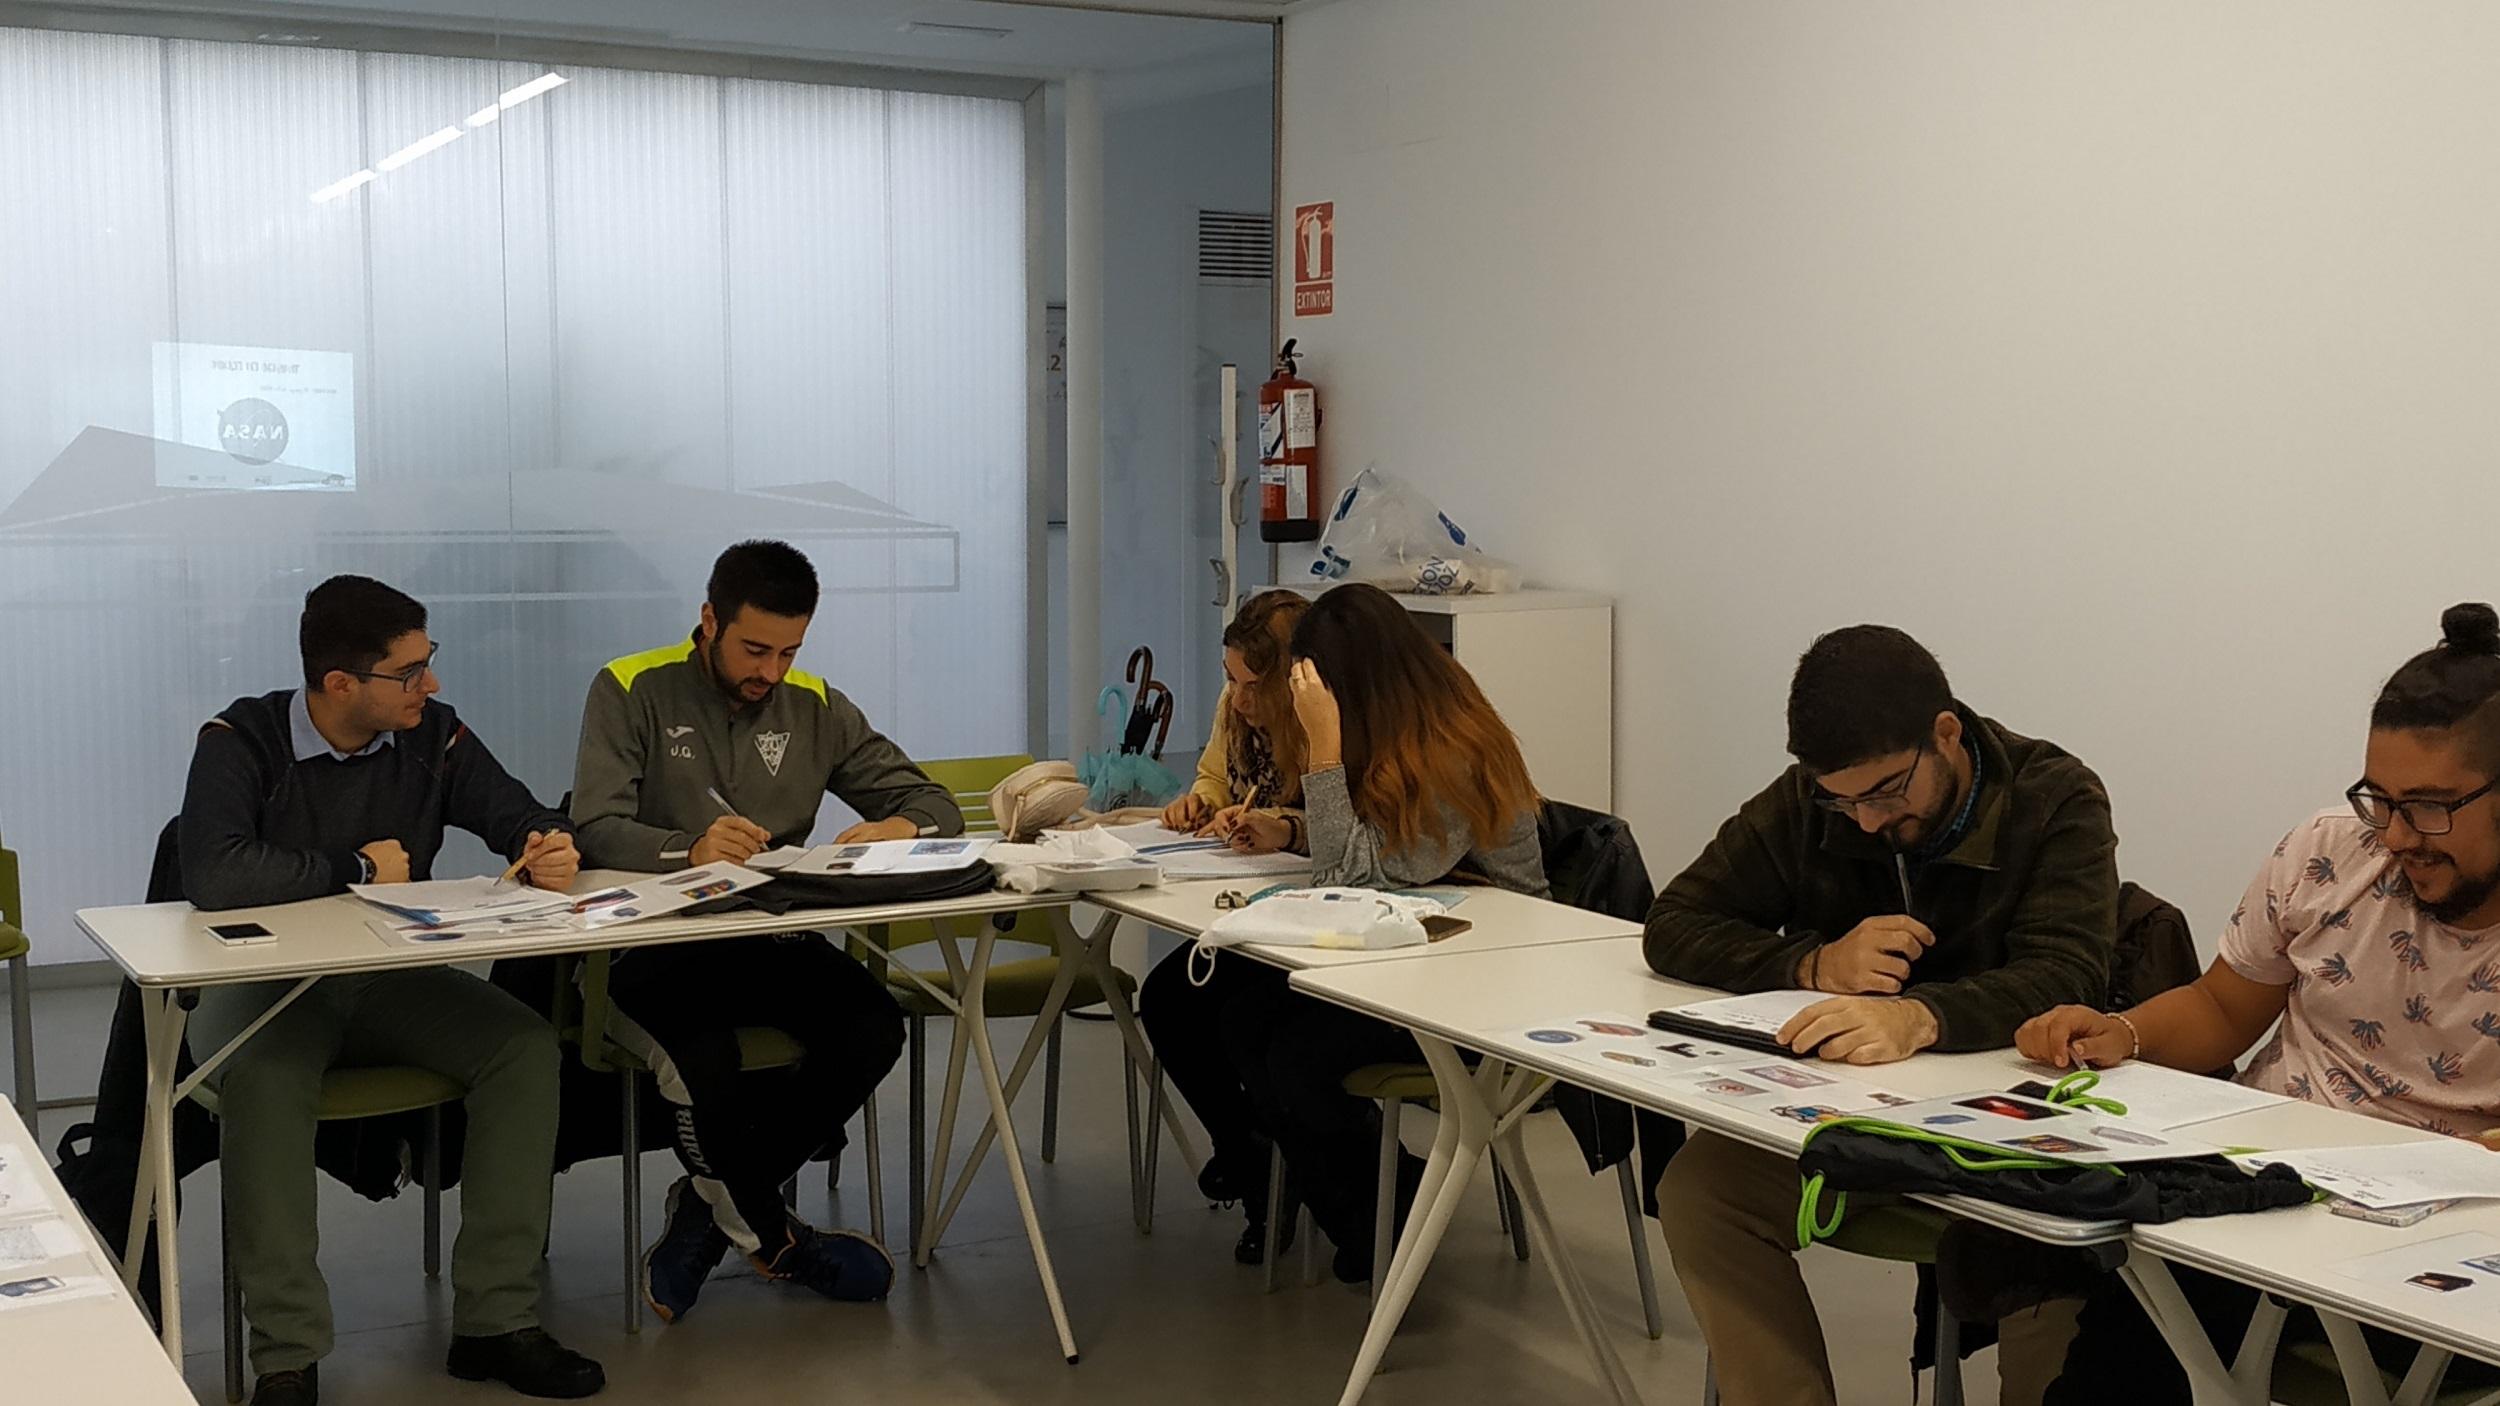 foto 2 Trabajo en Equipo Calamonte